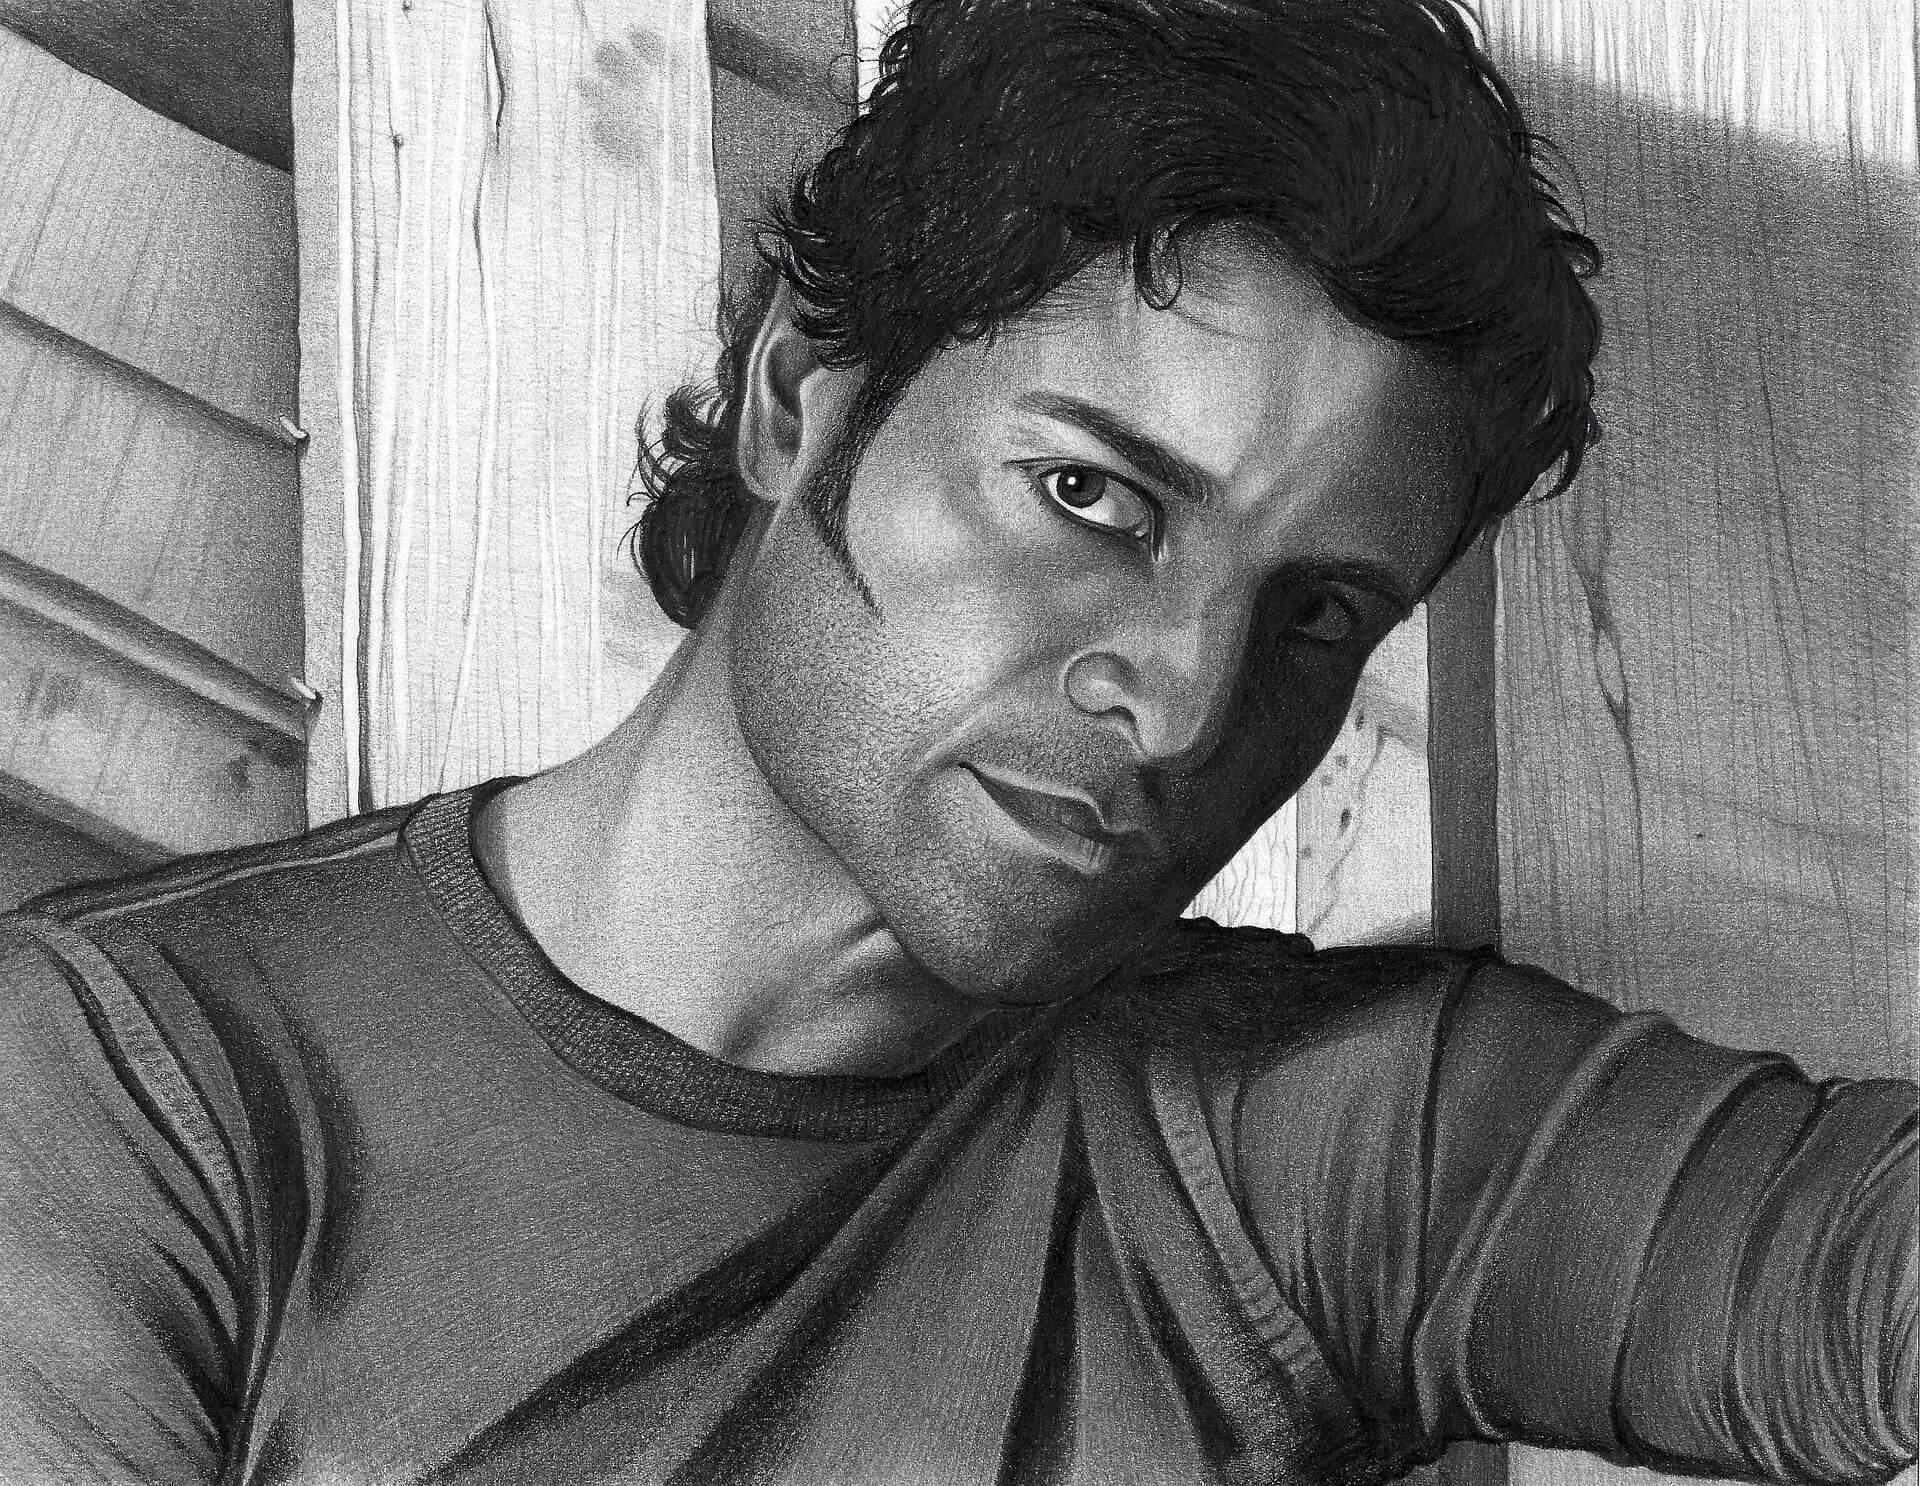 férfi ceruza portré rajz